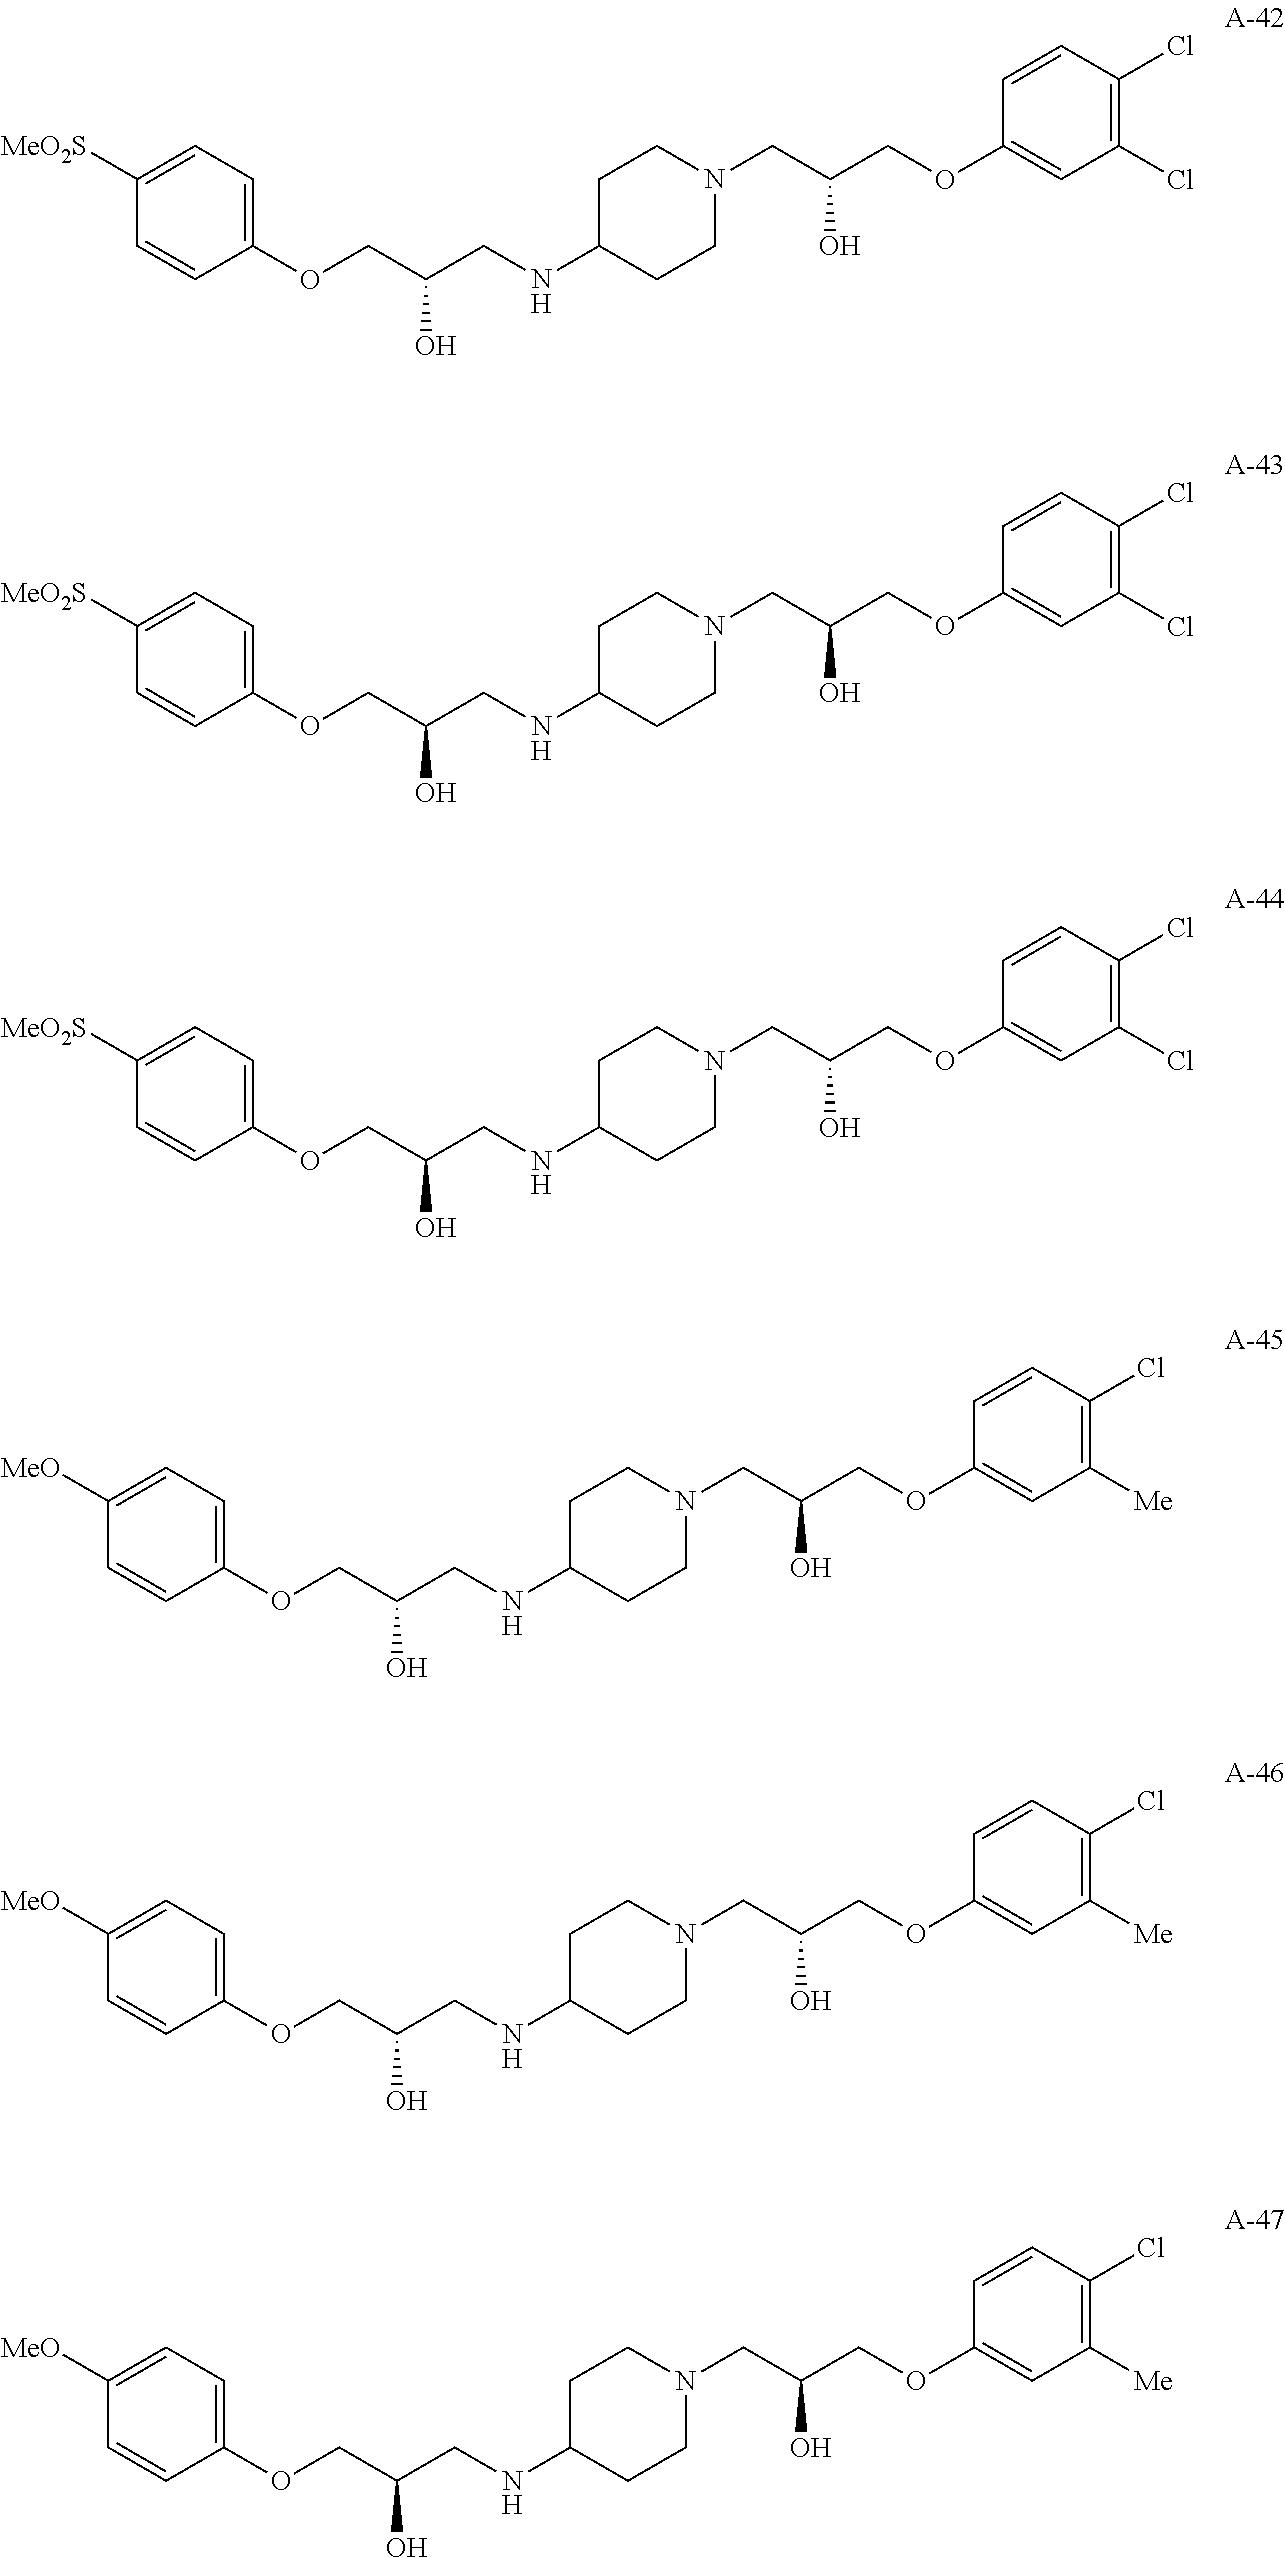 Figure US20190100493A1-20190404-C00012